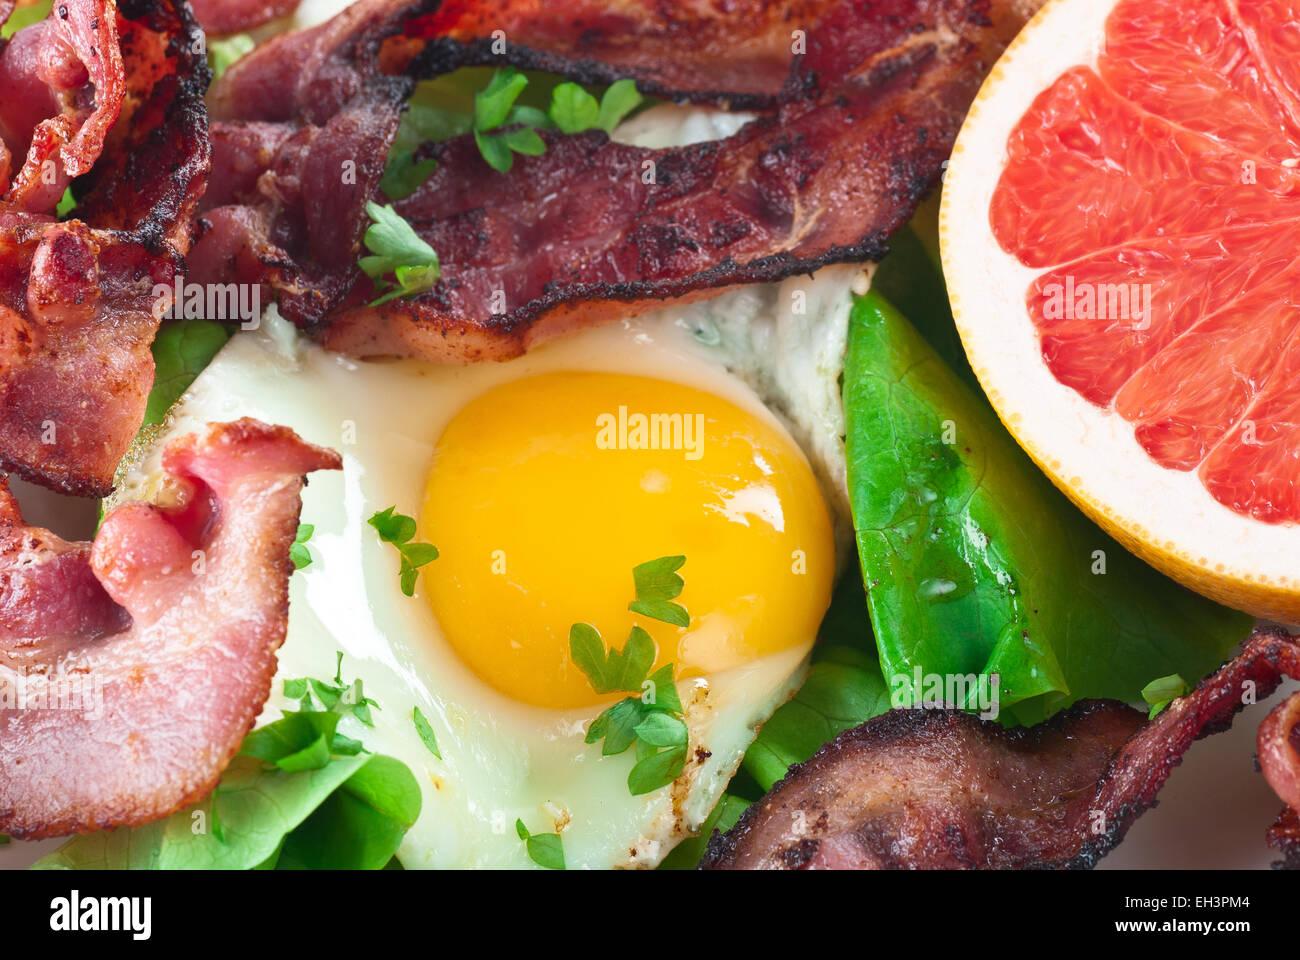 Uova fritte con pancetta, lattuga e pompelmo. Immagini Stock